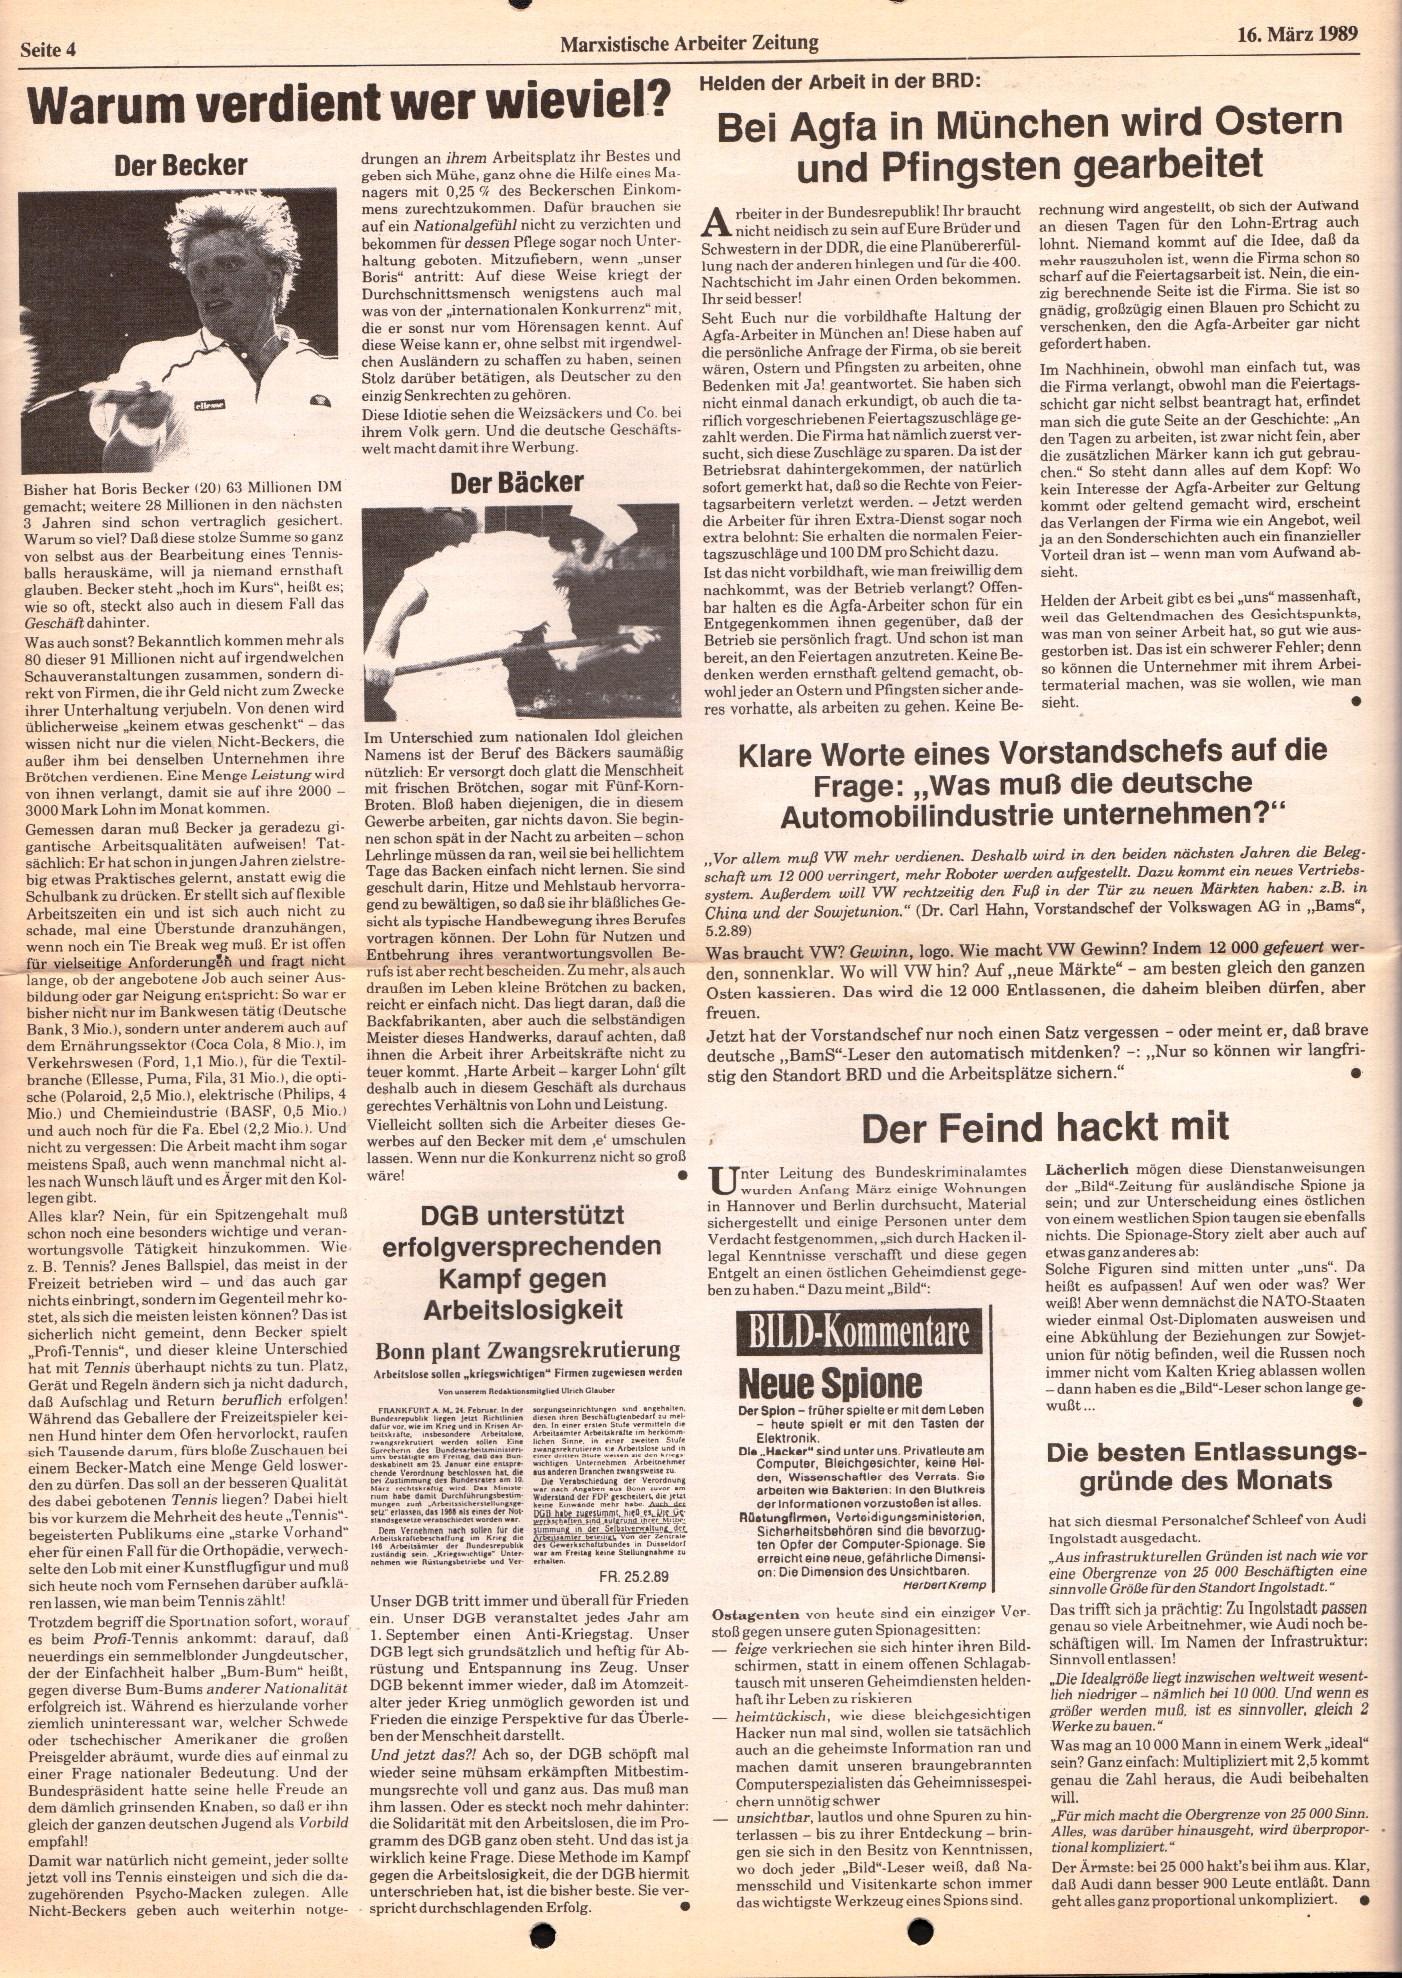 BW_MG_Marxistische_Arbeiterzeitung_19890316_04